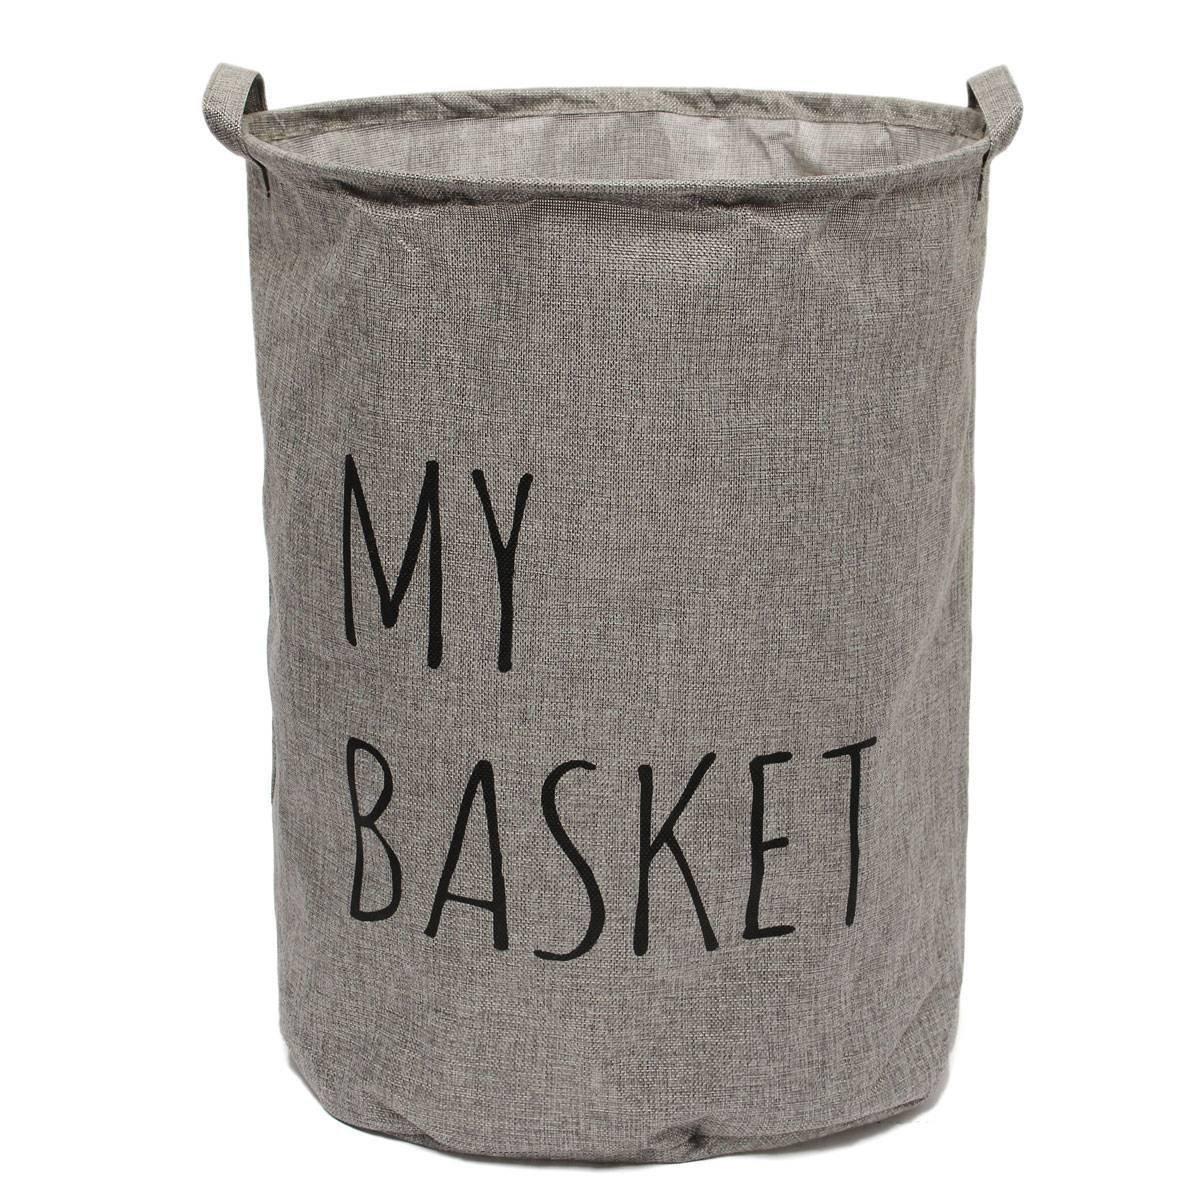 ランドリーバスケット グレー